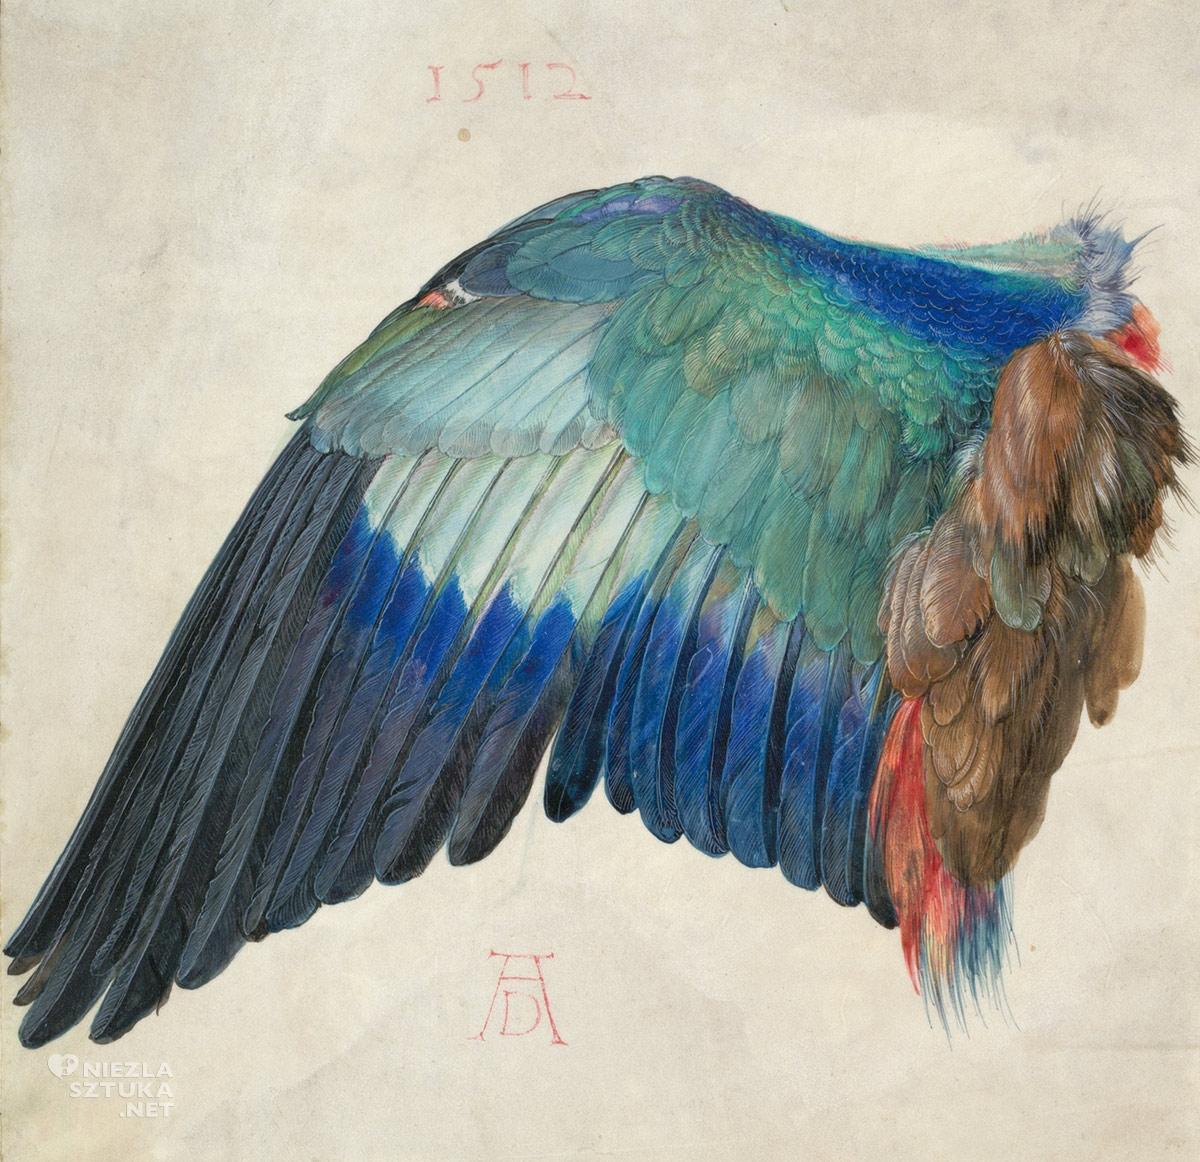 Albrecht Durer, Lewe skrzydło Kraski, Niezła sztuka